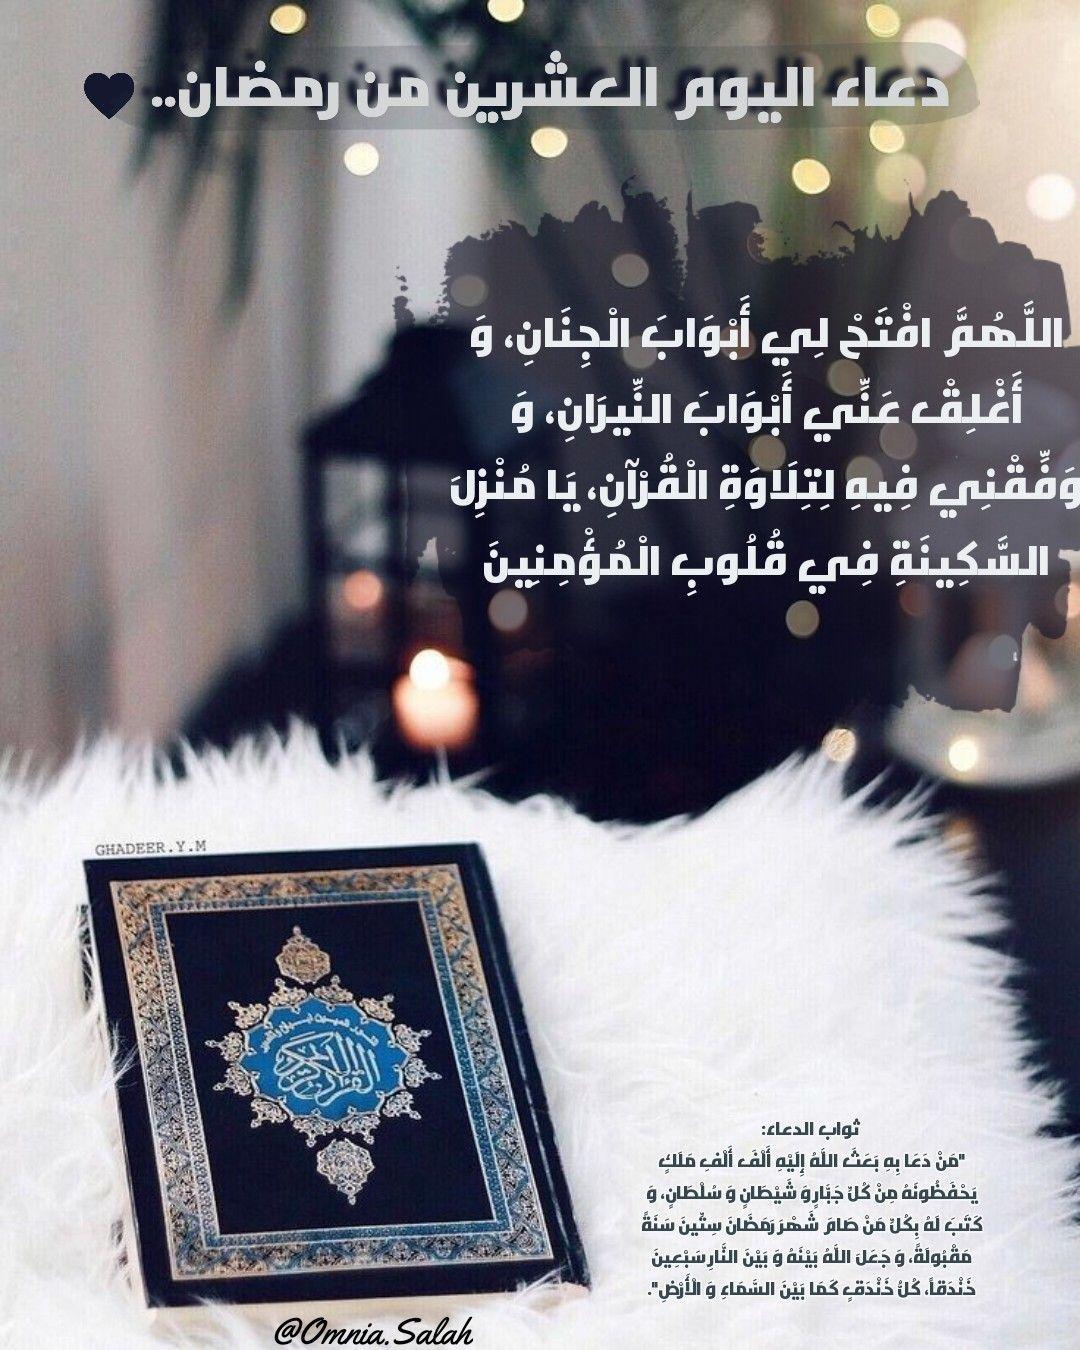 دعاء اليوم العشرين من رمضان Book Cover Books Slg